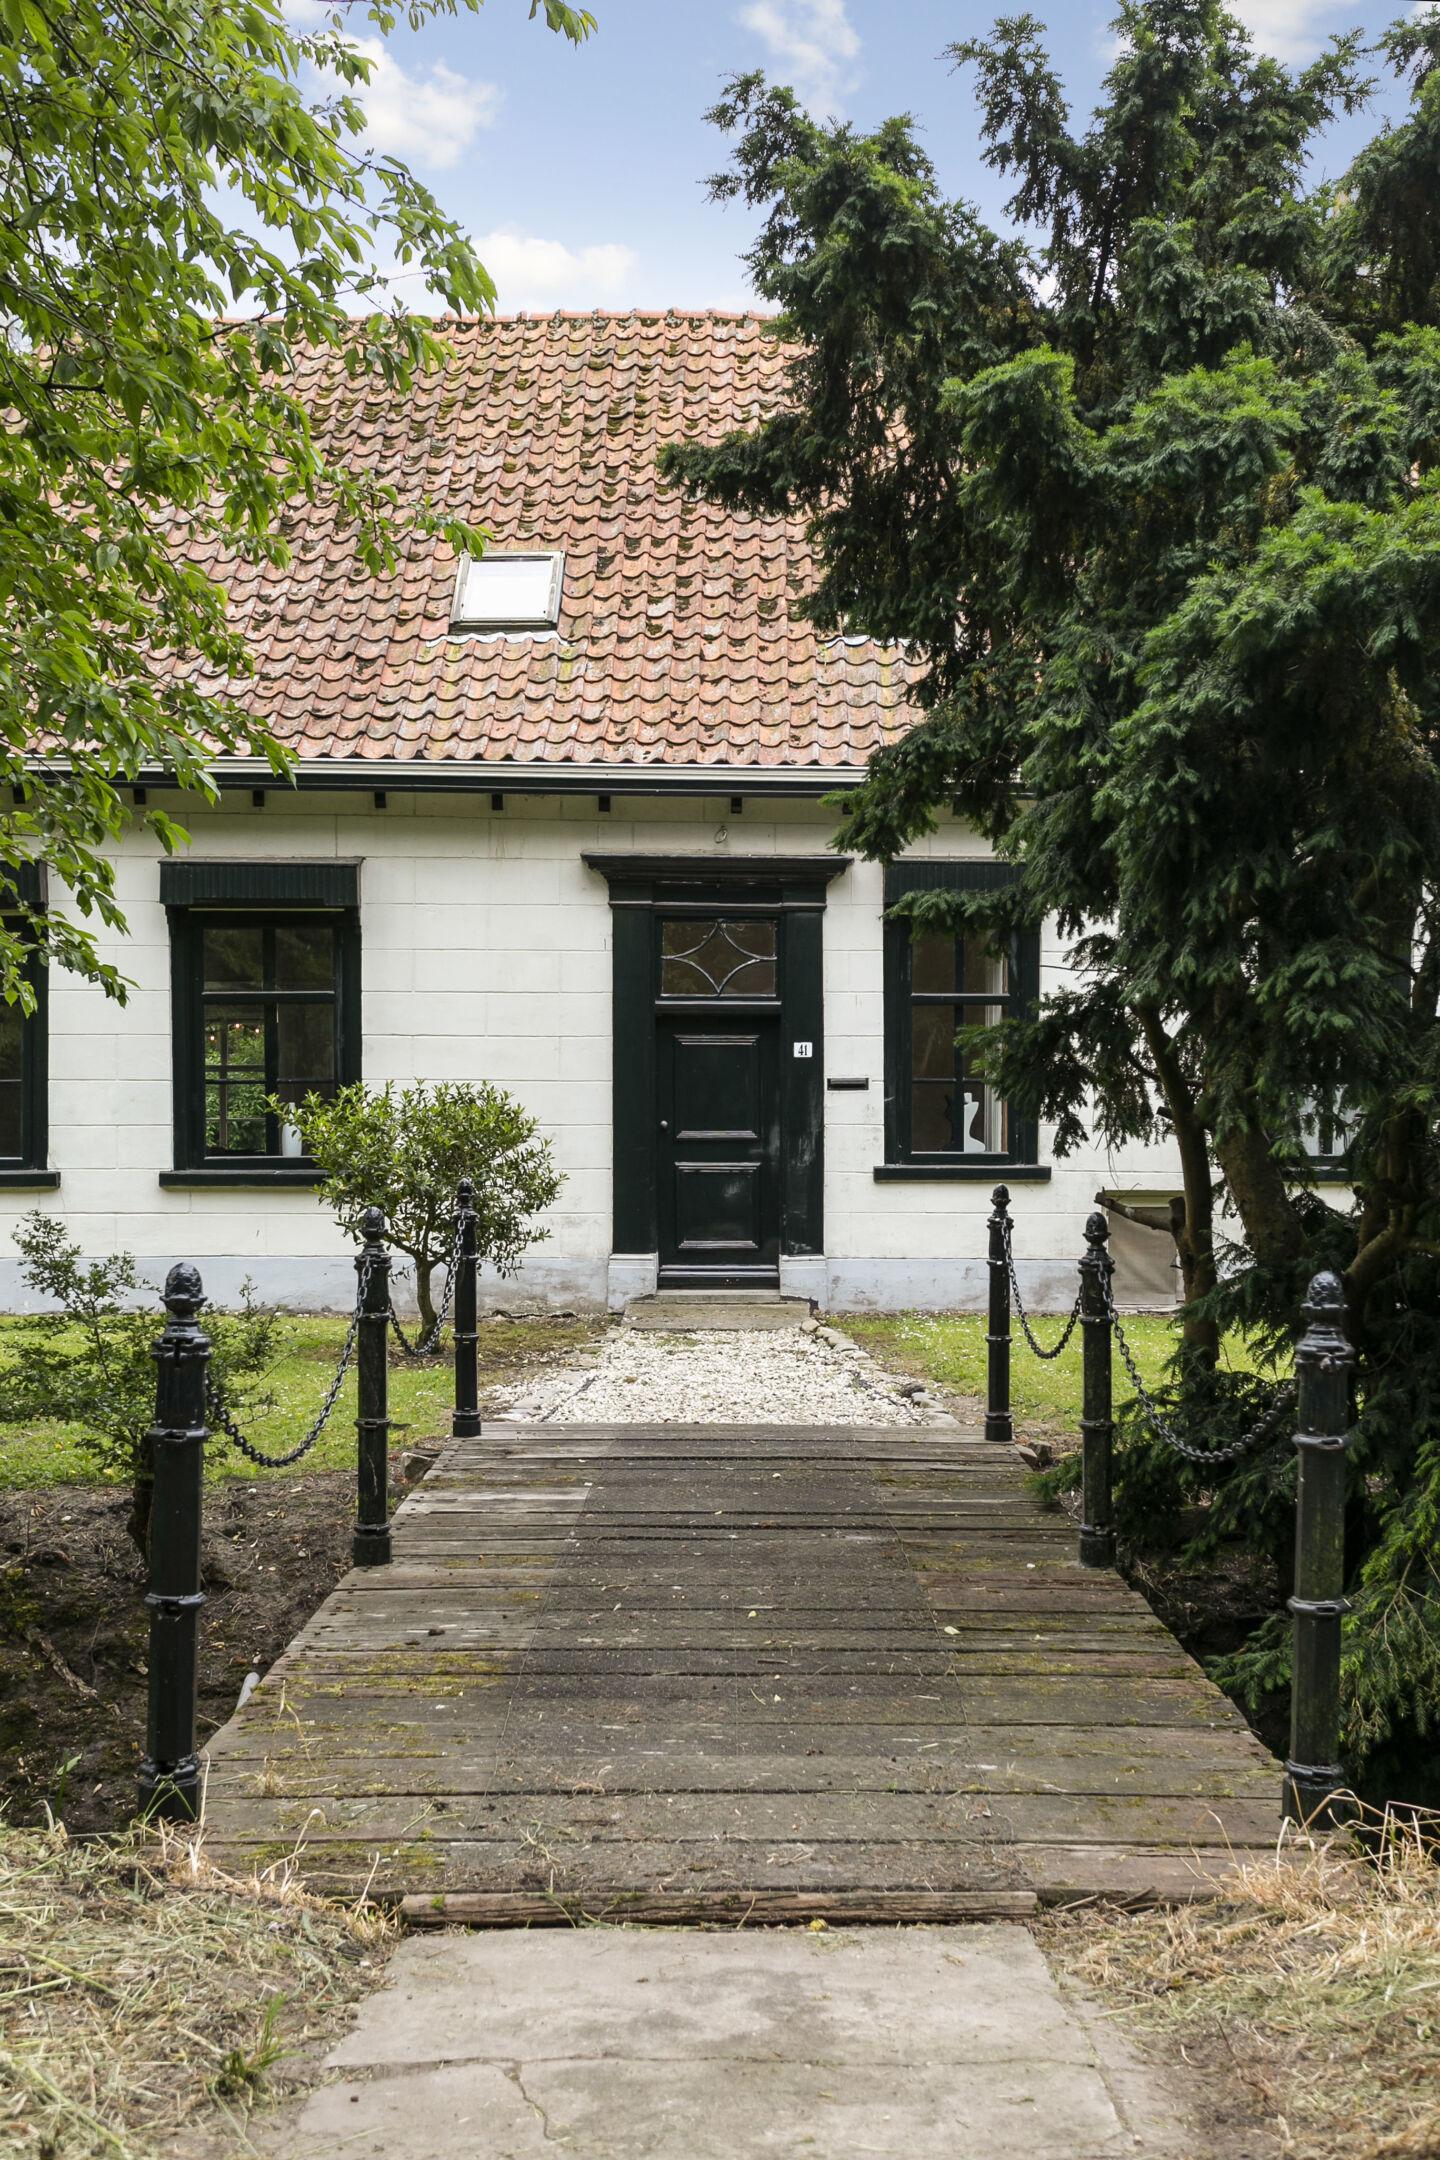 27124-stoofdijk_41-dinteloord-3785124643